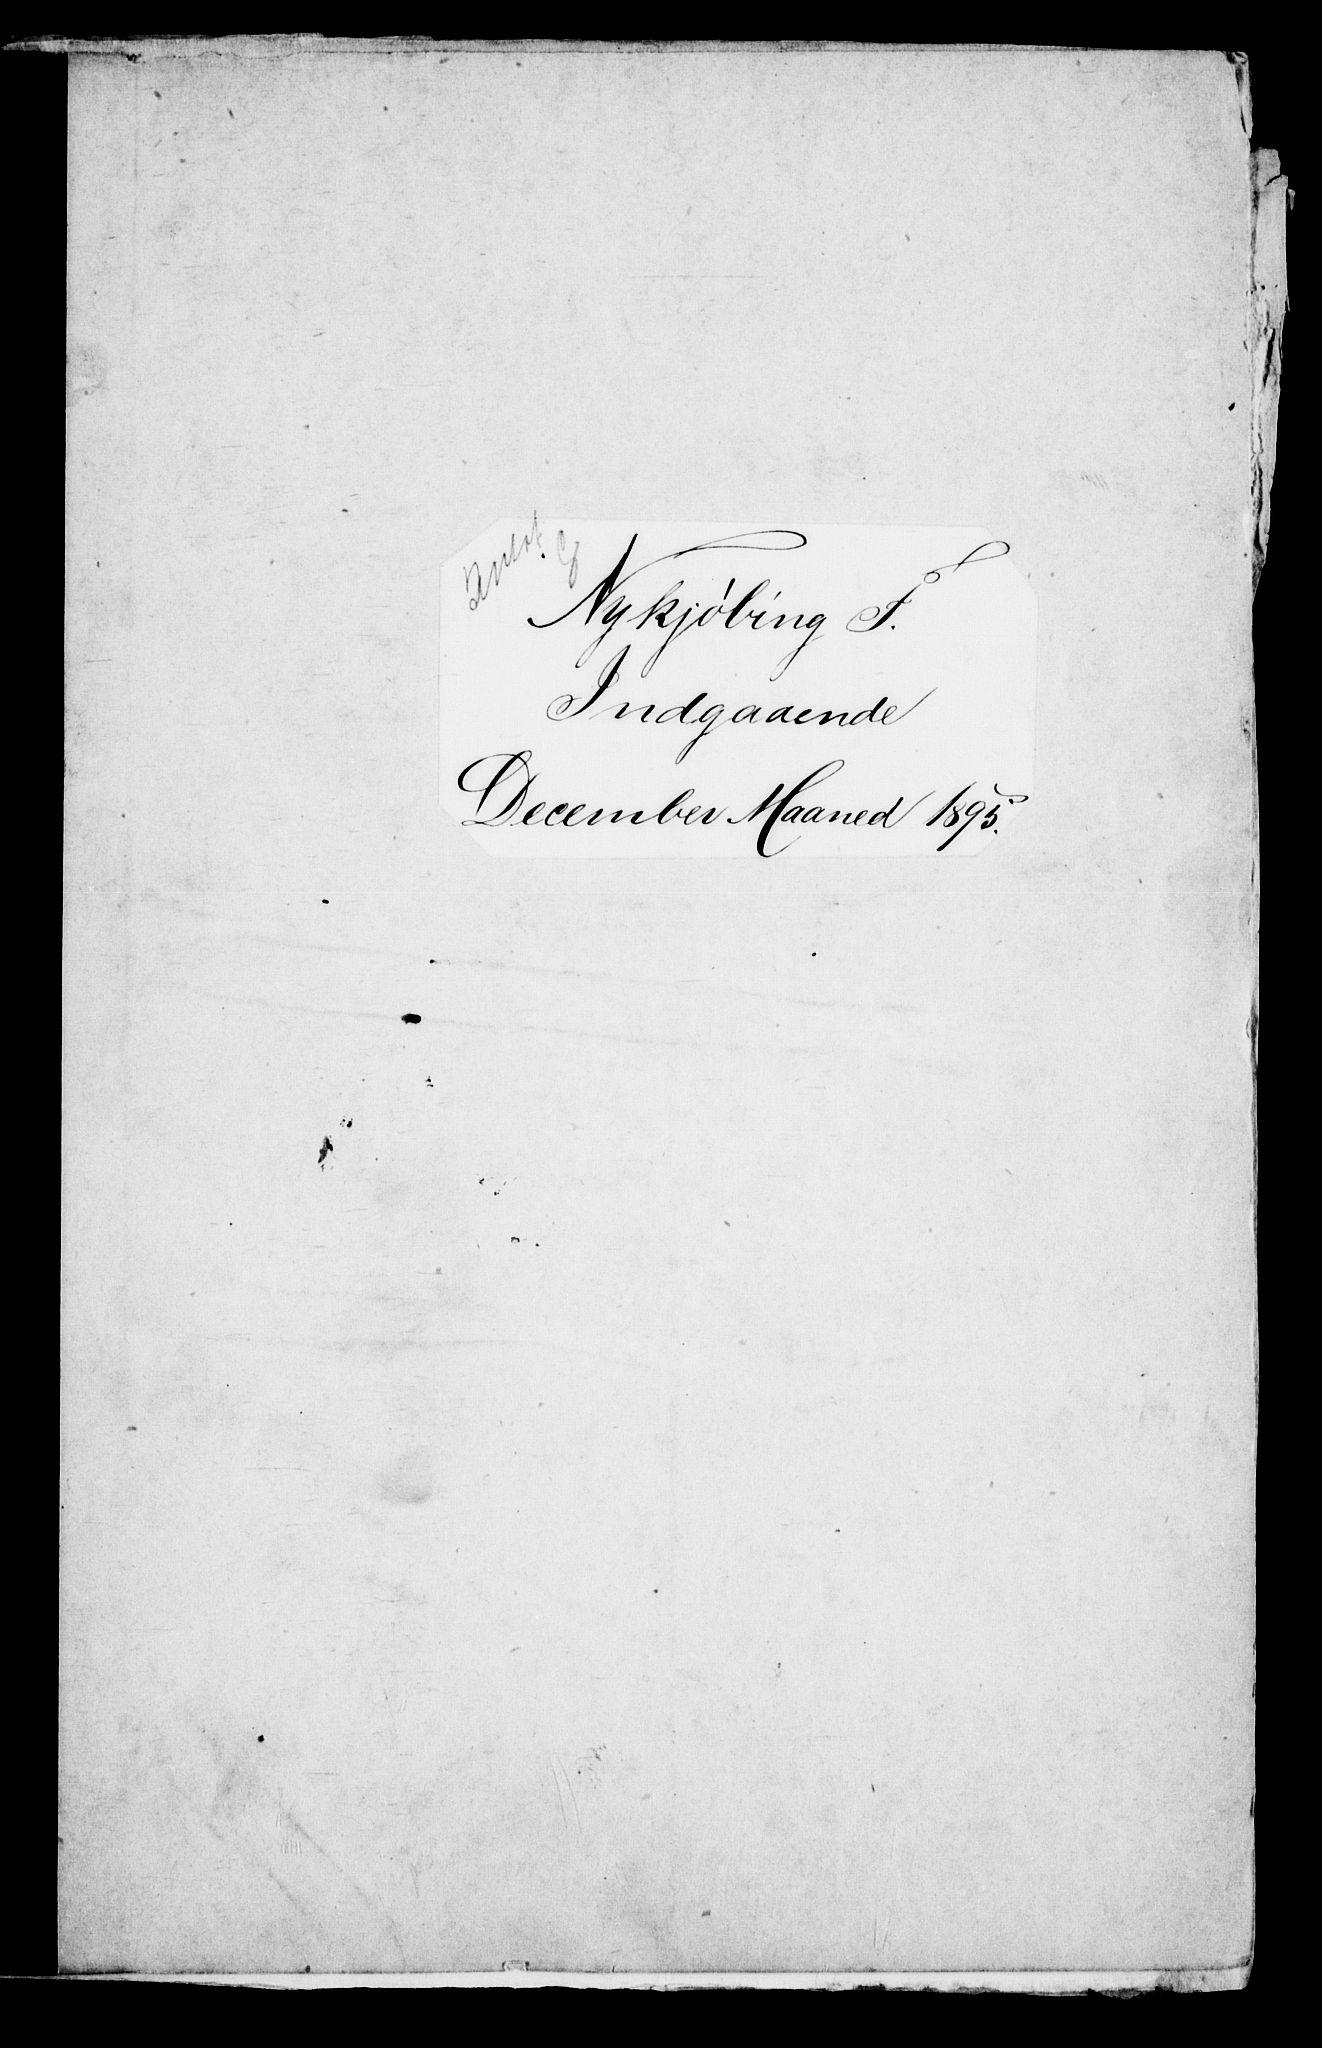 RA, Danske Kanselli, Skapsaker, G/L0019: Tillegg til skapsakene, 1616-1753, s. 303